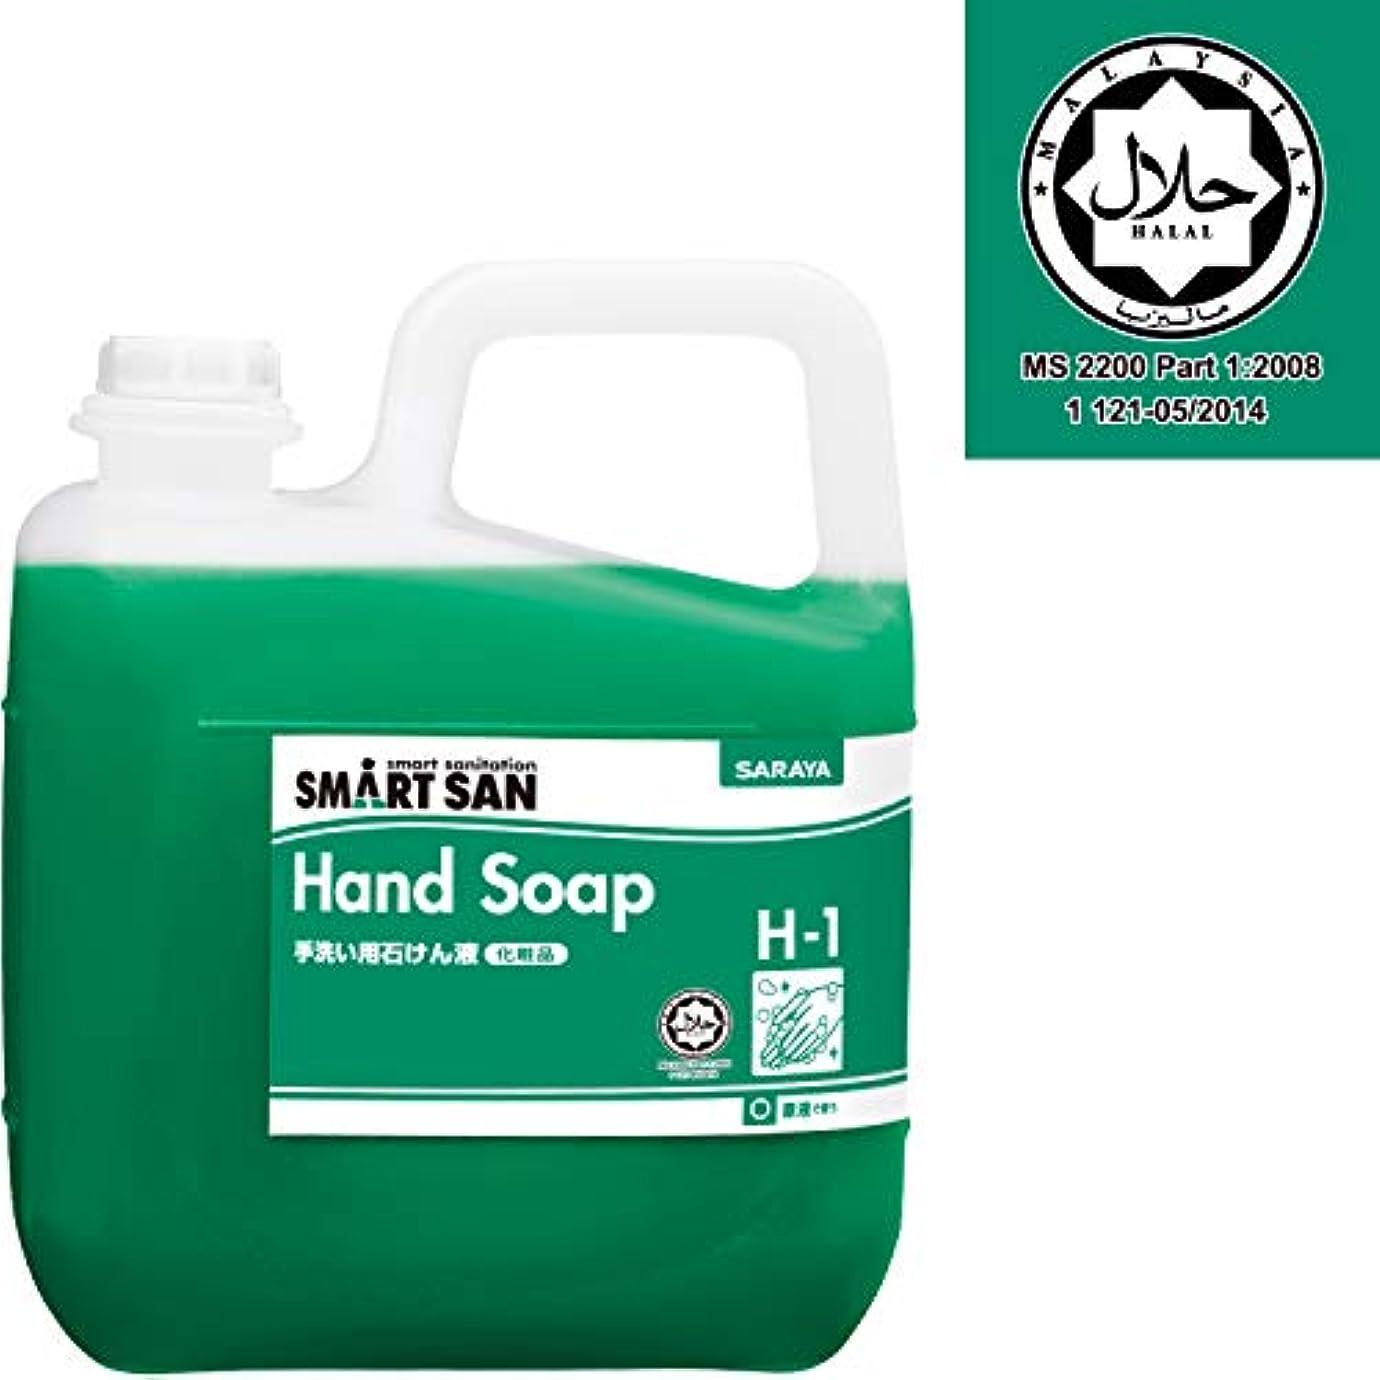 無謀然とした魔女サラヤ 手洗い用石けん液 【H-1】5kg ハラール 認証 詰替え用ノズル付き 無香料